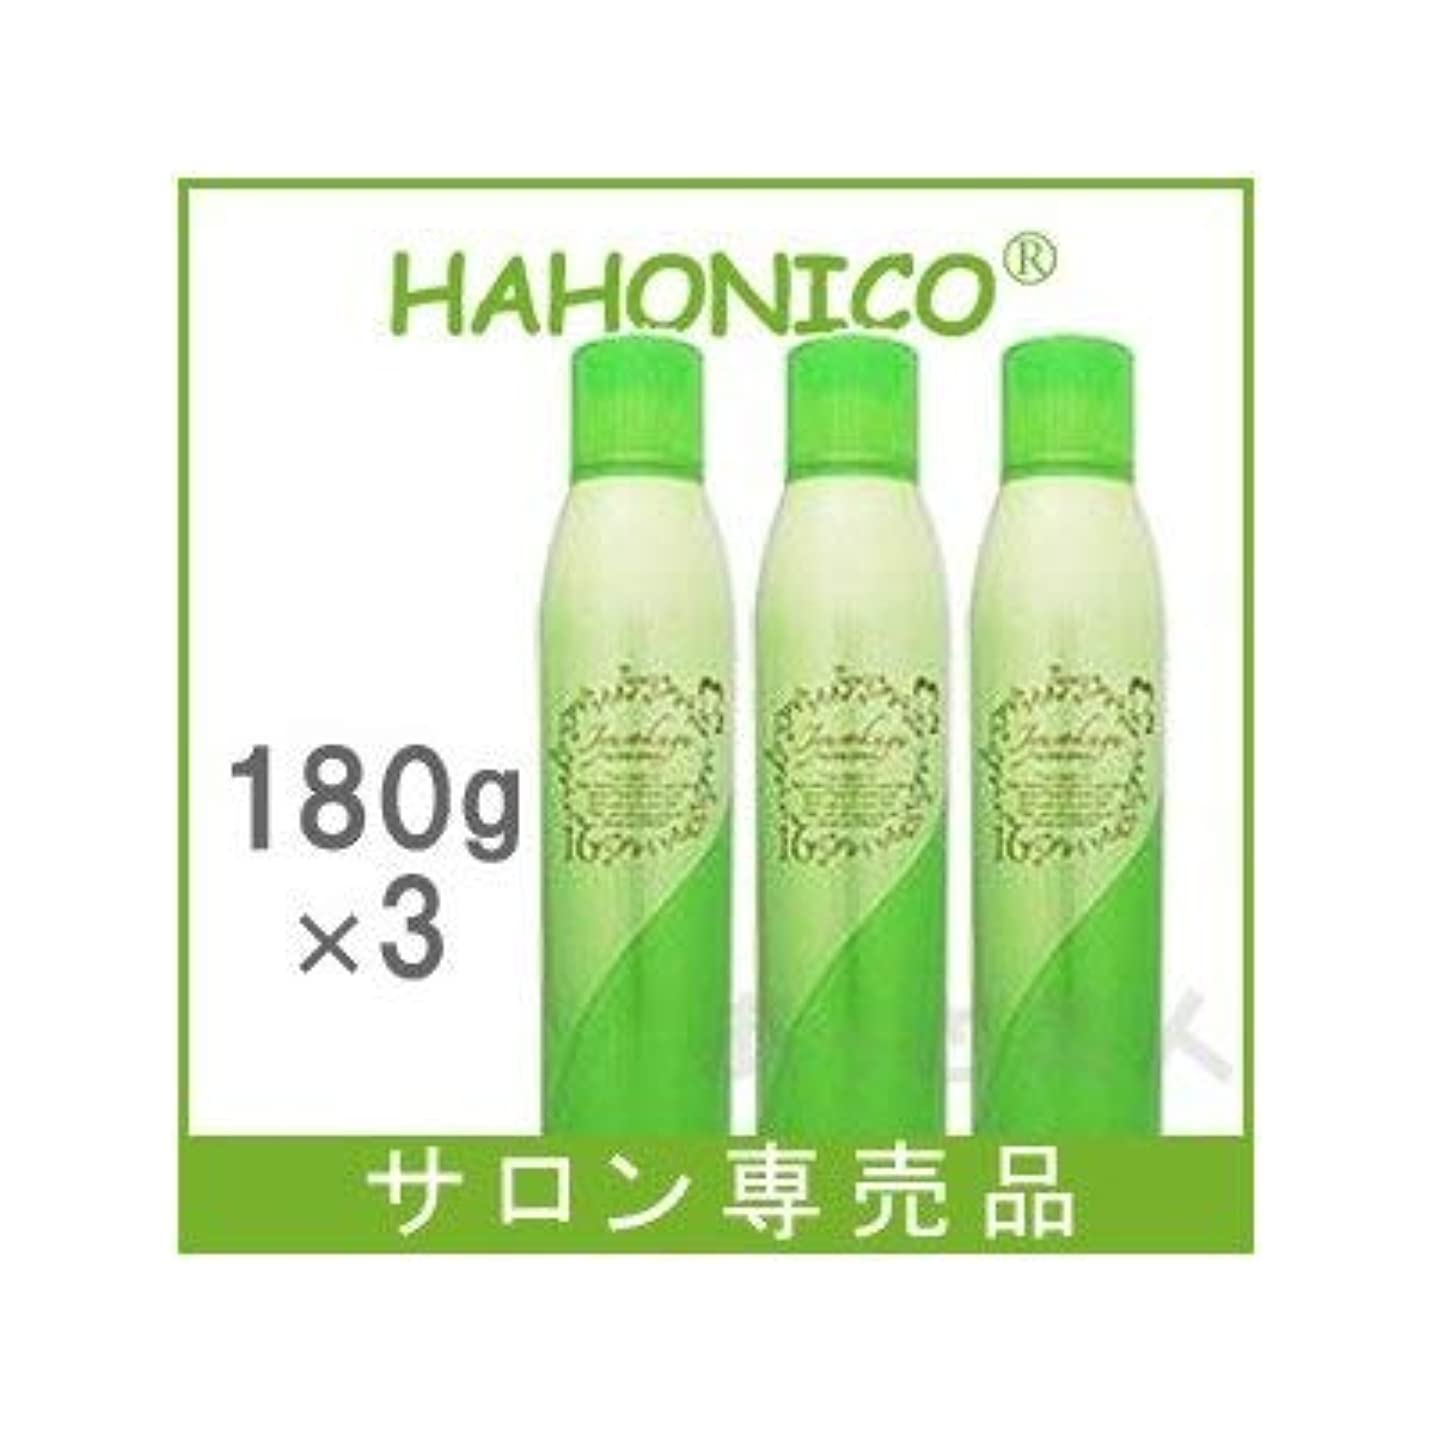 果てしない思春期無線【X3個セット】 ハホニコ ジュウロクユ ツヤスプレー 180g 十六油 HAHONICO